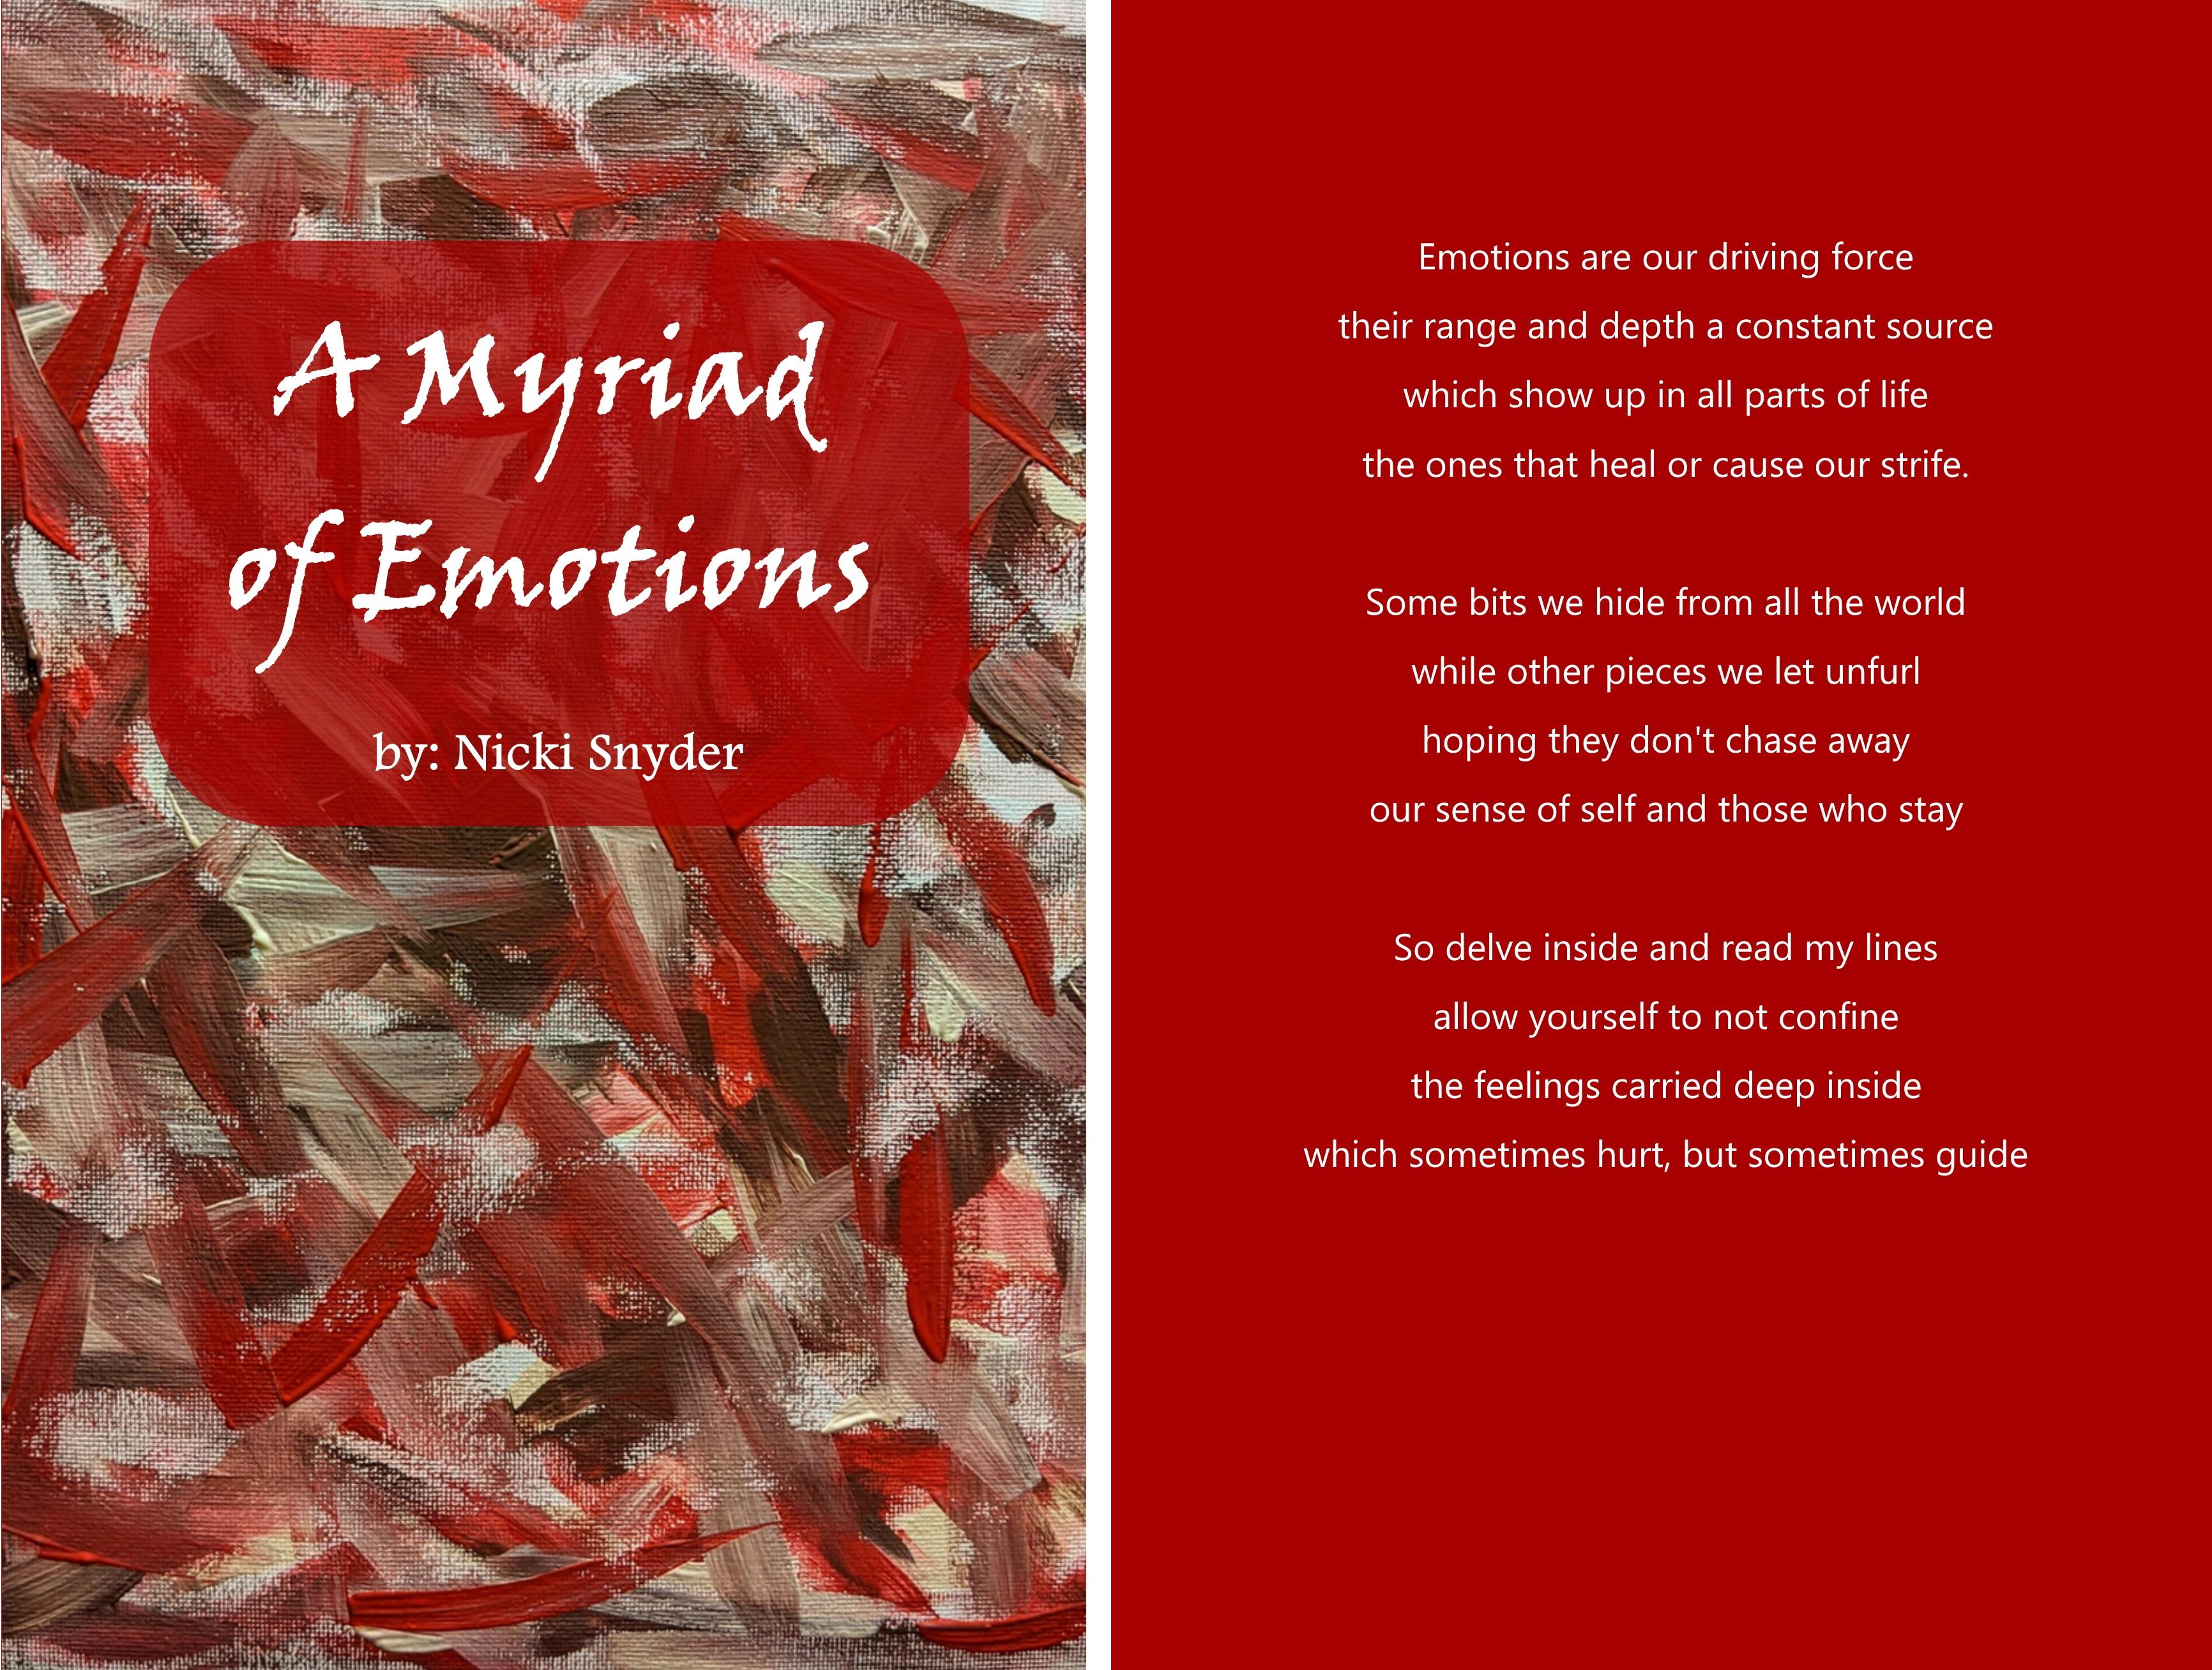 A Myriad of Emotions by Nicki Snyder